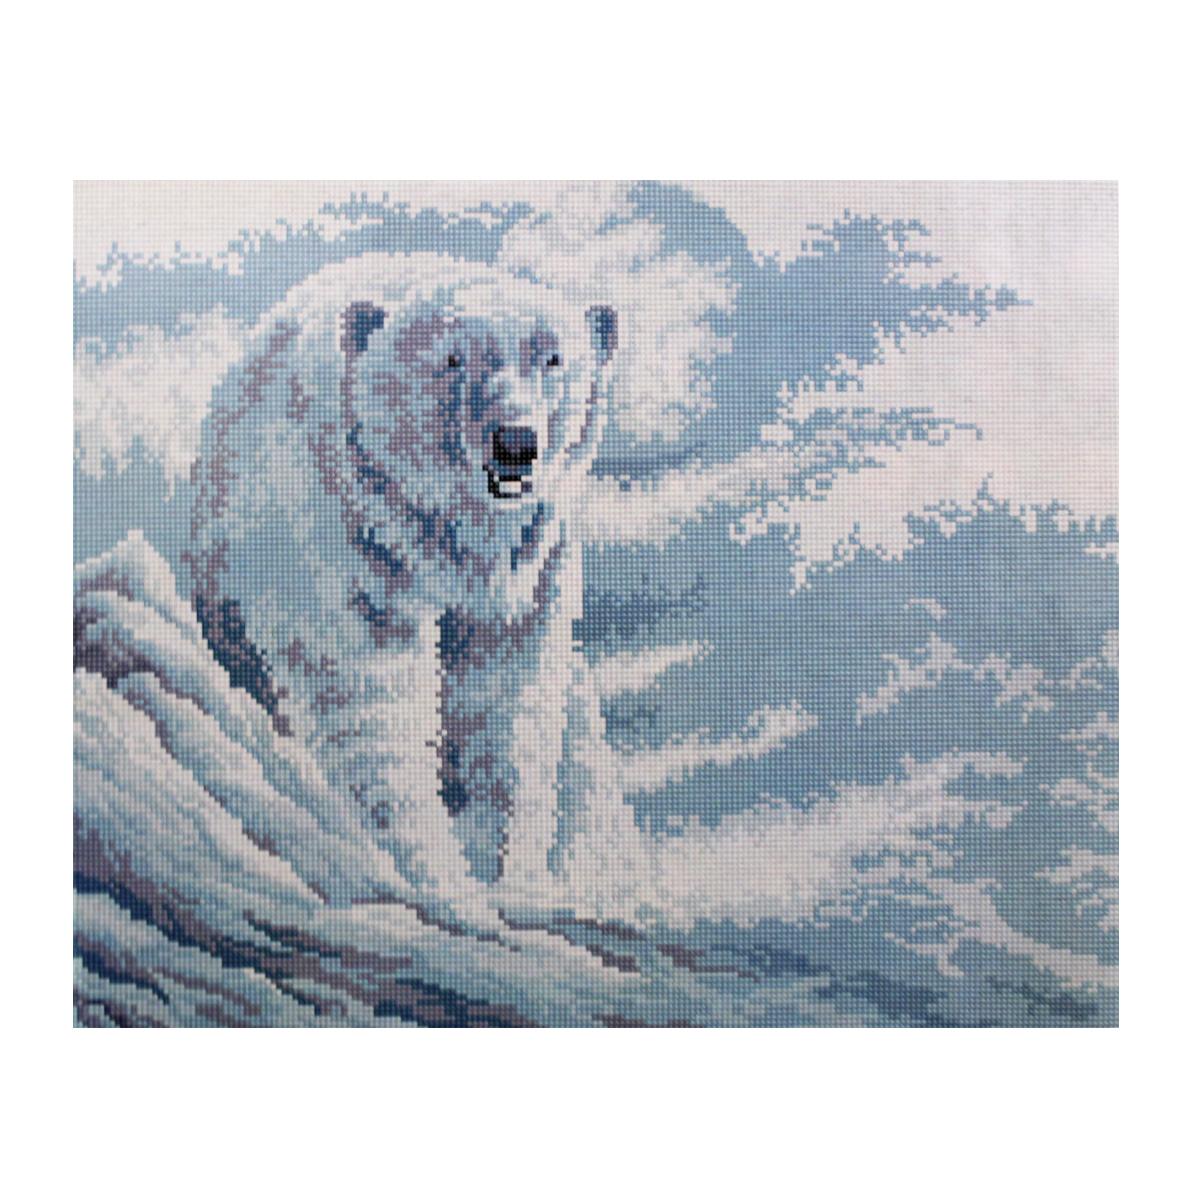 Алмазная мозаика Cristal, на деревянном подрамнике, 40 х 50 см. 77130317713031/GZ076Набор для творчества Cristal поможет вам создать свой личный шедевр - красивую картину, выполненную в мозаичной технике. Выложите прекрасную картину из множества маленьких цветных камушков. С помощью пинцета камушки размещаются на холсте, в результате проявляется рисунок. Постепенно заполняя ряд за рядом, вы создадите чудесное переливающееся изображение. Каждый камушек выполнен из прочного материала. Работа, выполненная своими руками, станет отличным подарком для друзей и близких! В набор входит: - Основа картины с нанесенной схемой на деревянной раме; - Ключи к схеме; - Комплект искусственных камней (10 цветов); - Желеобразный клей; - Пинцет; - Прозрачный клей; - Пластиковая ручка; - Пластмассовый лоток для камней; - Металлические крепления для готовой работы. Диаметр камушка: 2,5 мм. Размер готового изделия: 40 х 50 см.